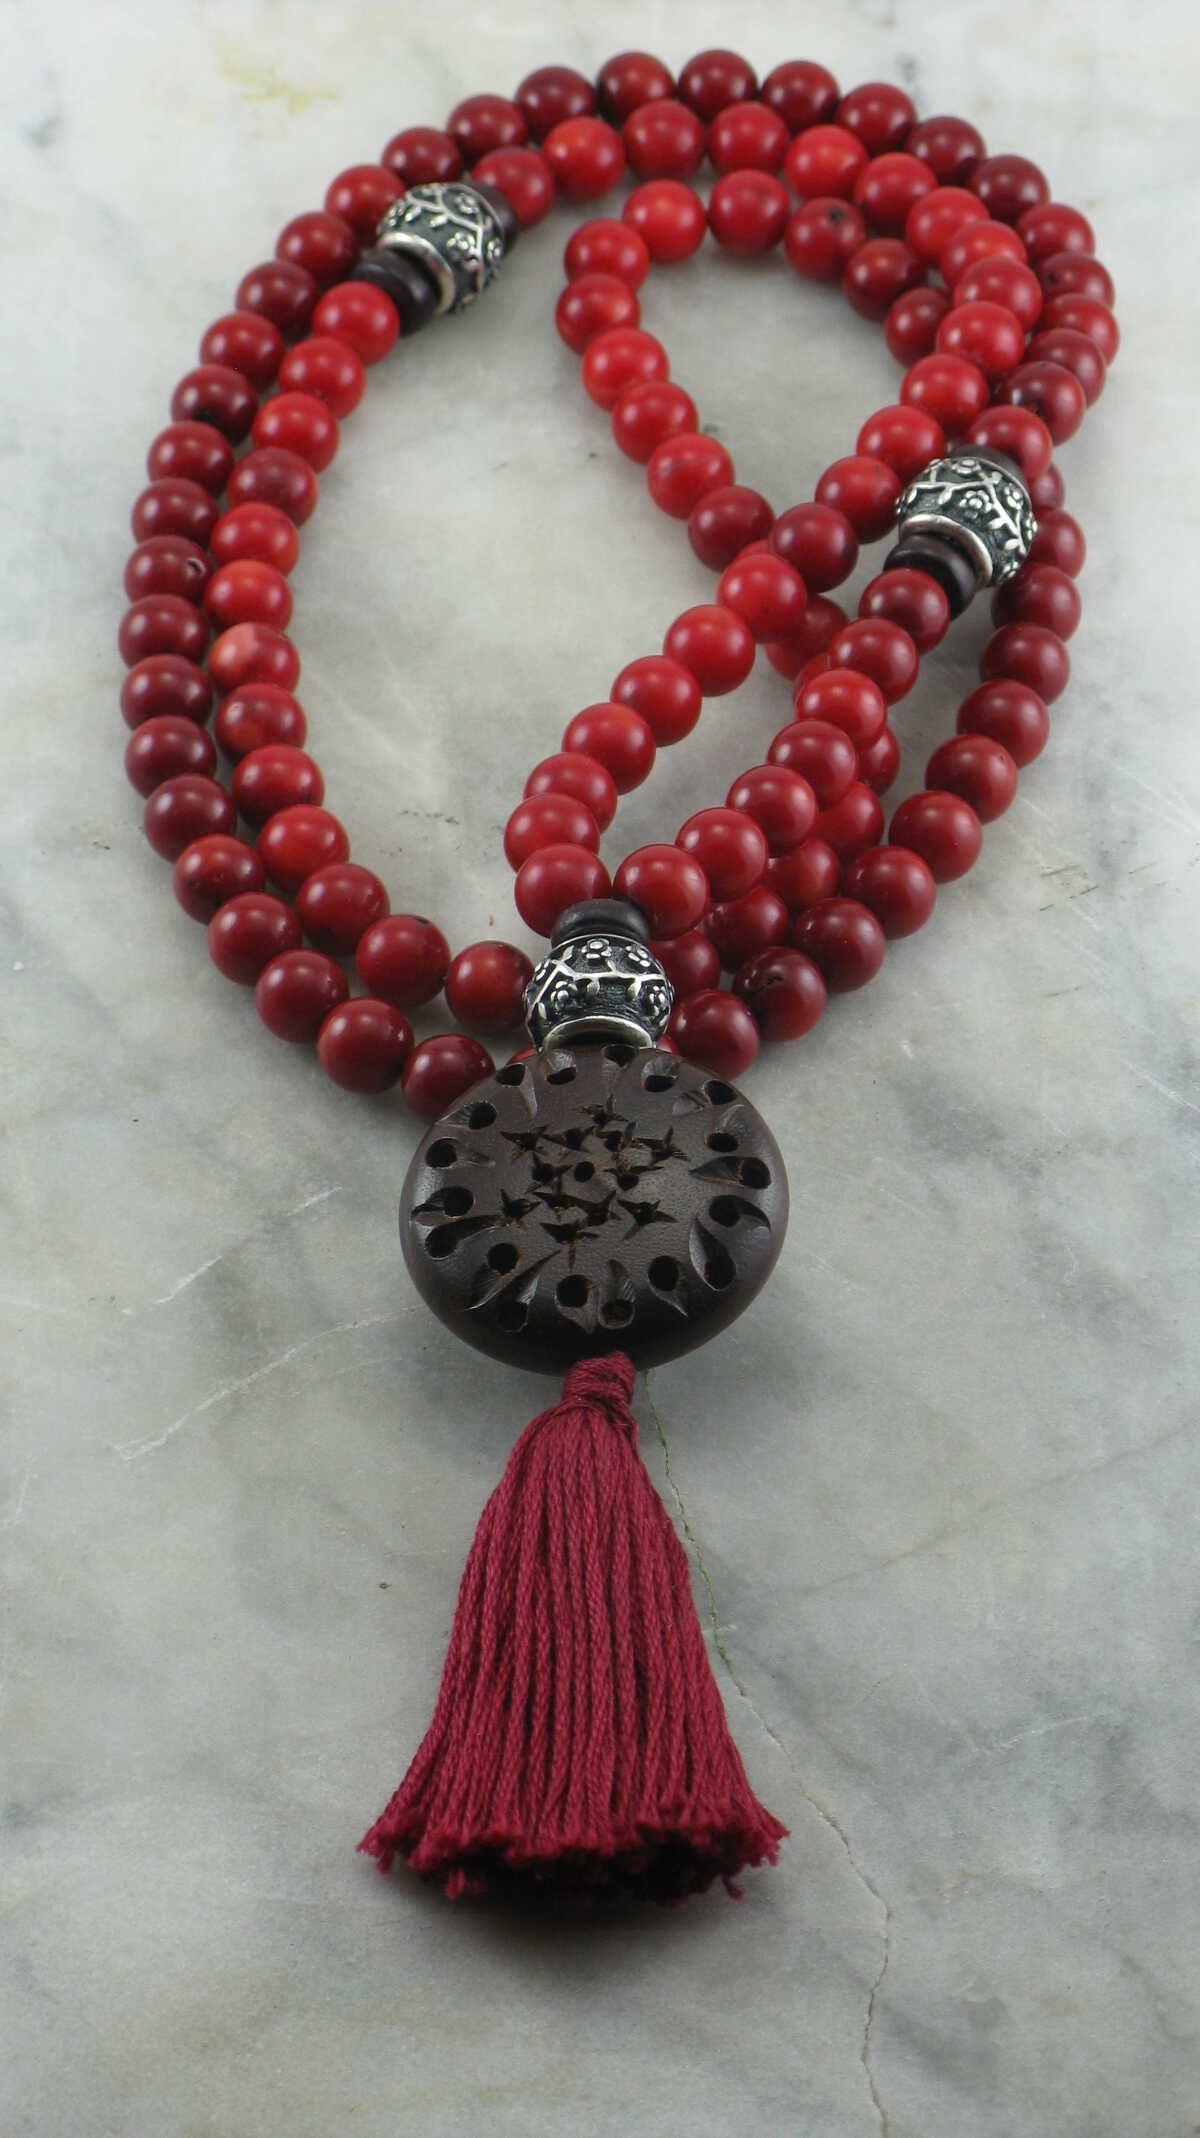 Mala_Beads_Buddhist_Prayer_Beads